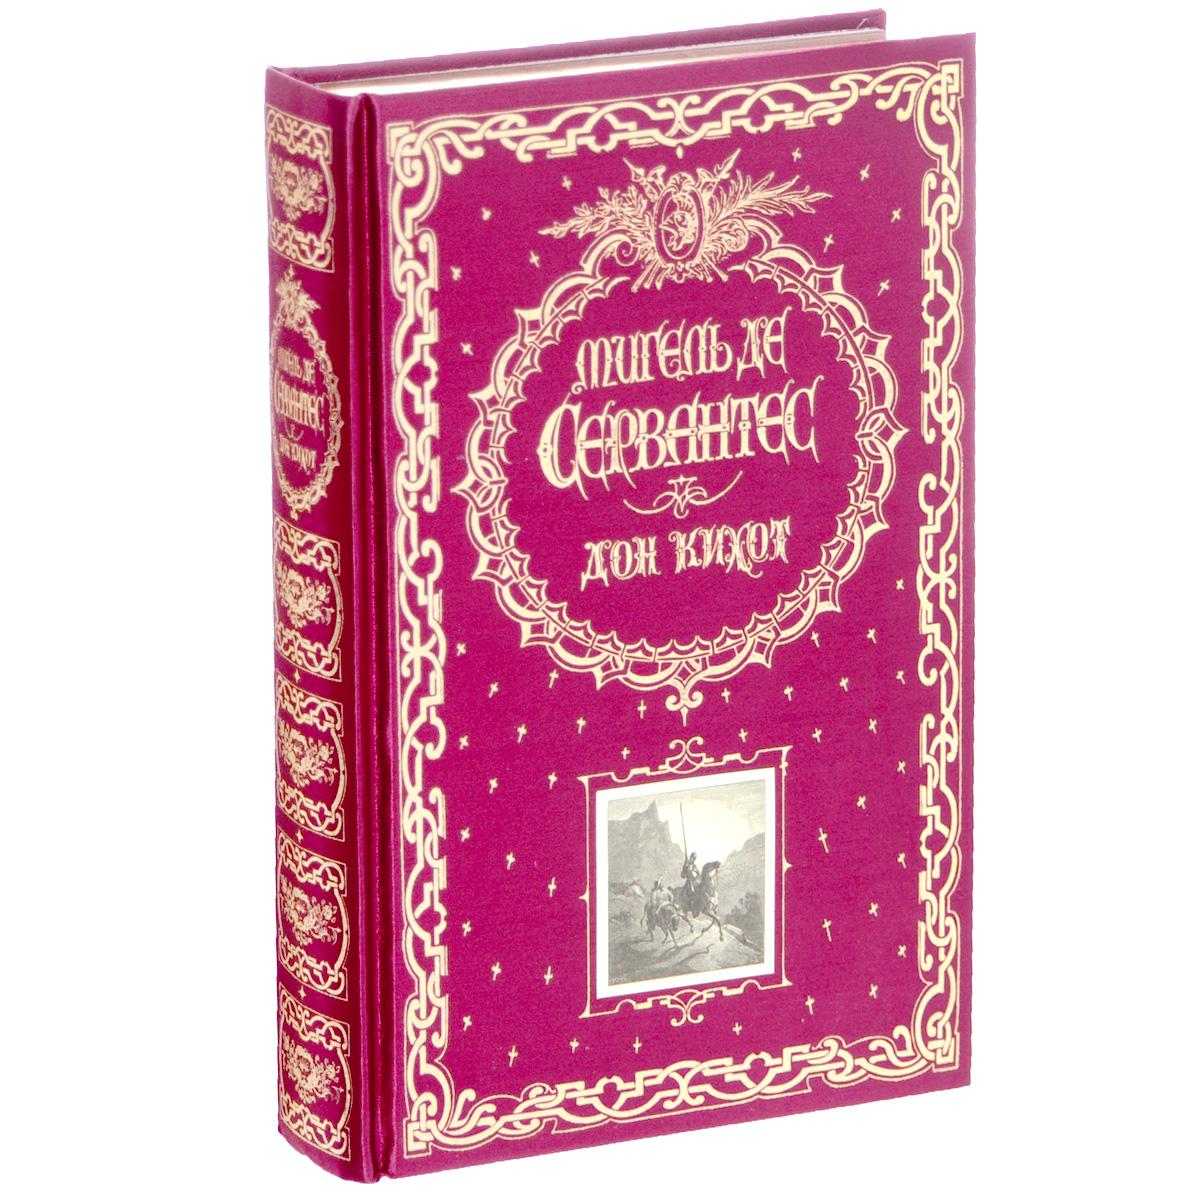 Мигель де Сервантес Дон Кихот (подарочное издание)